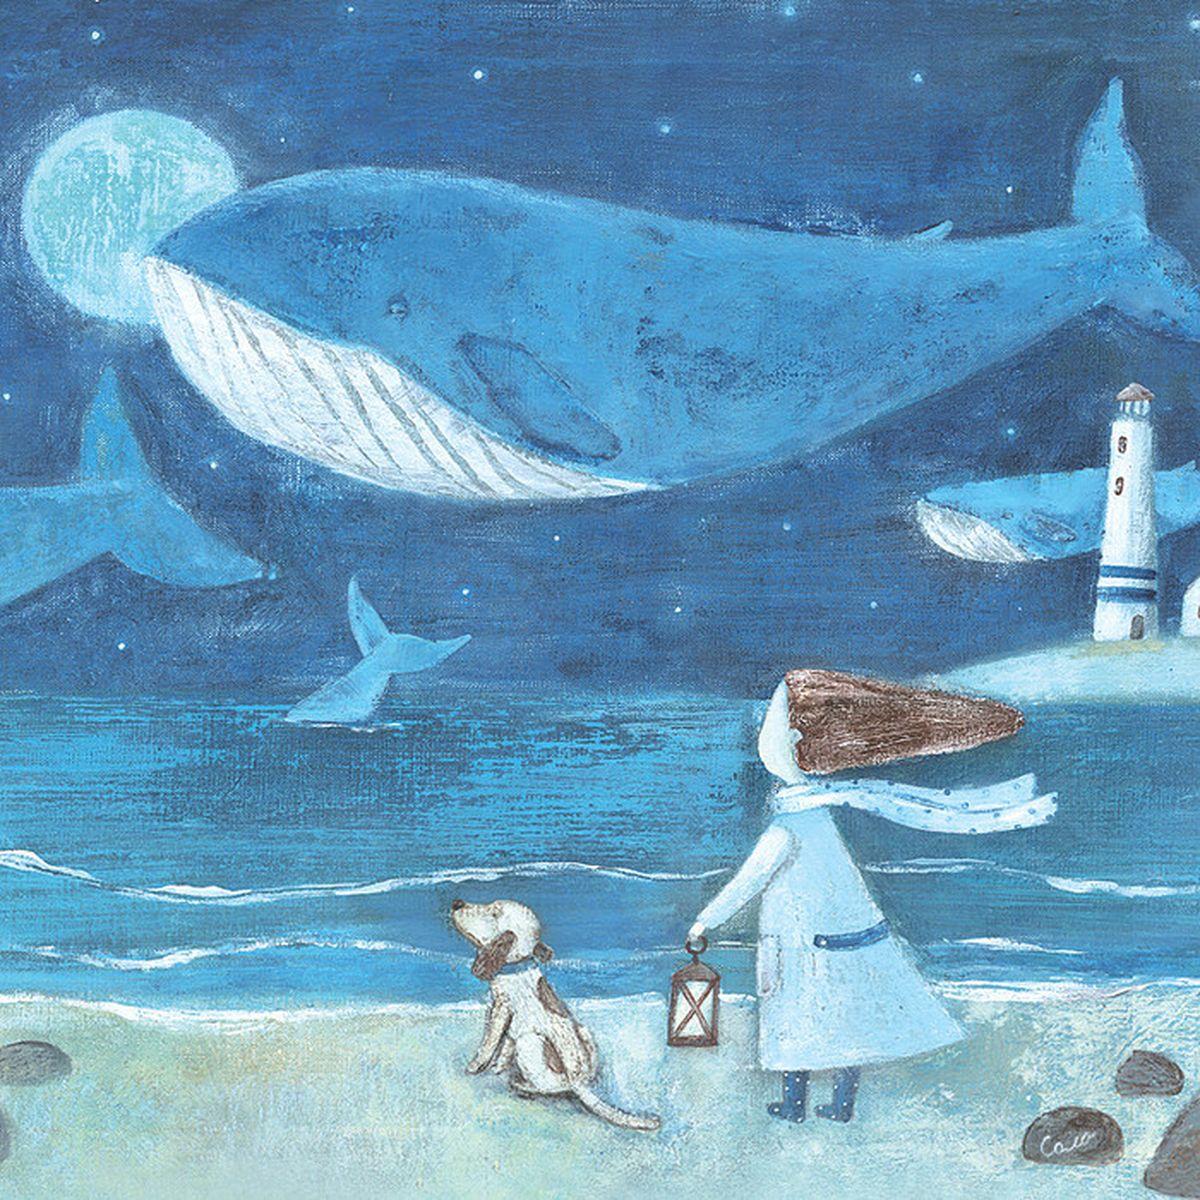 Оригинальная дизайнерская открытка «Полнолуние» выполнена из плотного матового картона. На лицевой стороне расположена репродукция картины художницы Светланы Соловьевой с изображением девушки, смотрящей на полет китов над океаном. Такая открытка станет великолепным дополнением к новогоднему подарку или оригинальным почтовым посланием, которое, несомненно, удивит получателя своим дизайном и подарит приятные воспоминания.